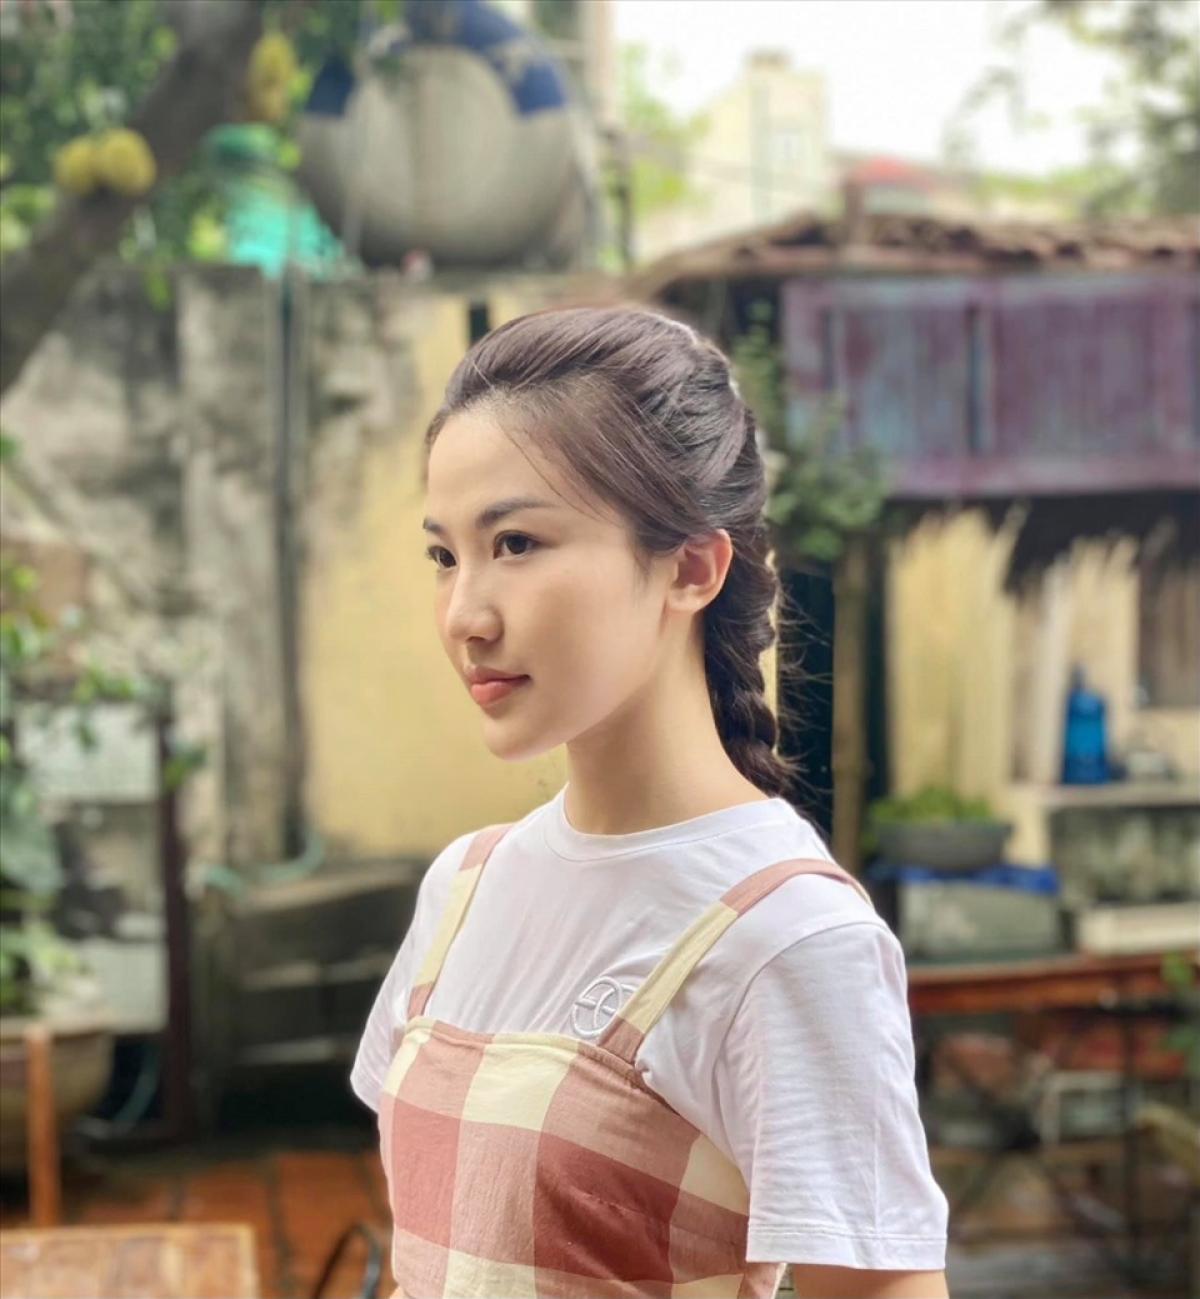 """Diễn viên Lương Thanh """"11 tháng 5 ngày"""": Tôi lý trí và dứt khoát trong tình yêu - Ảnh 2."""